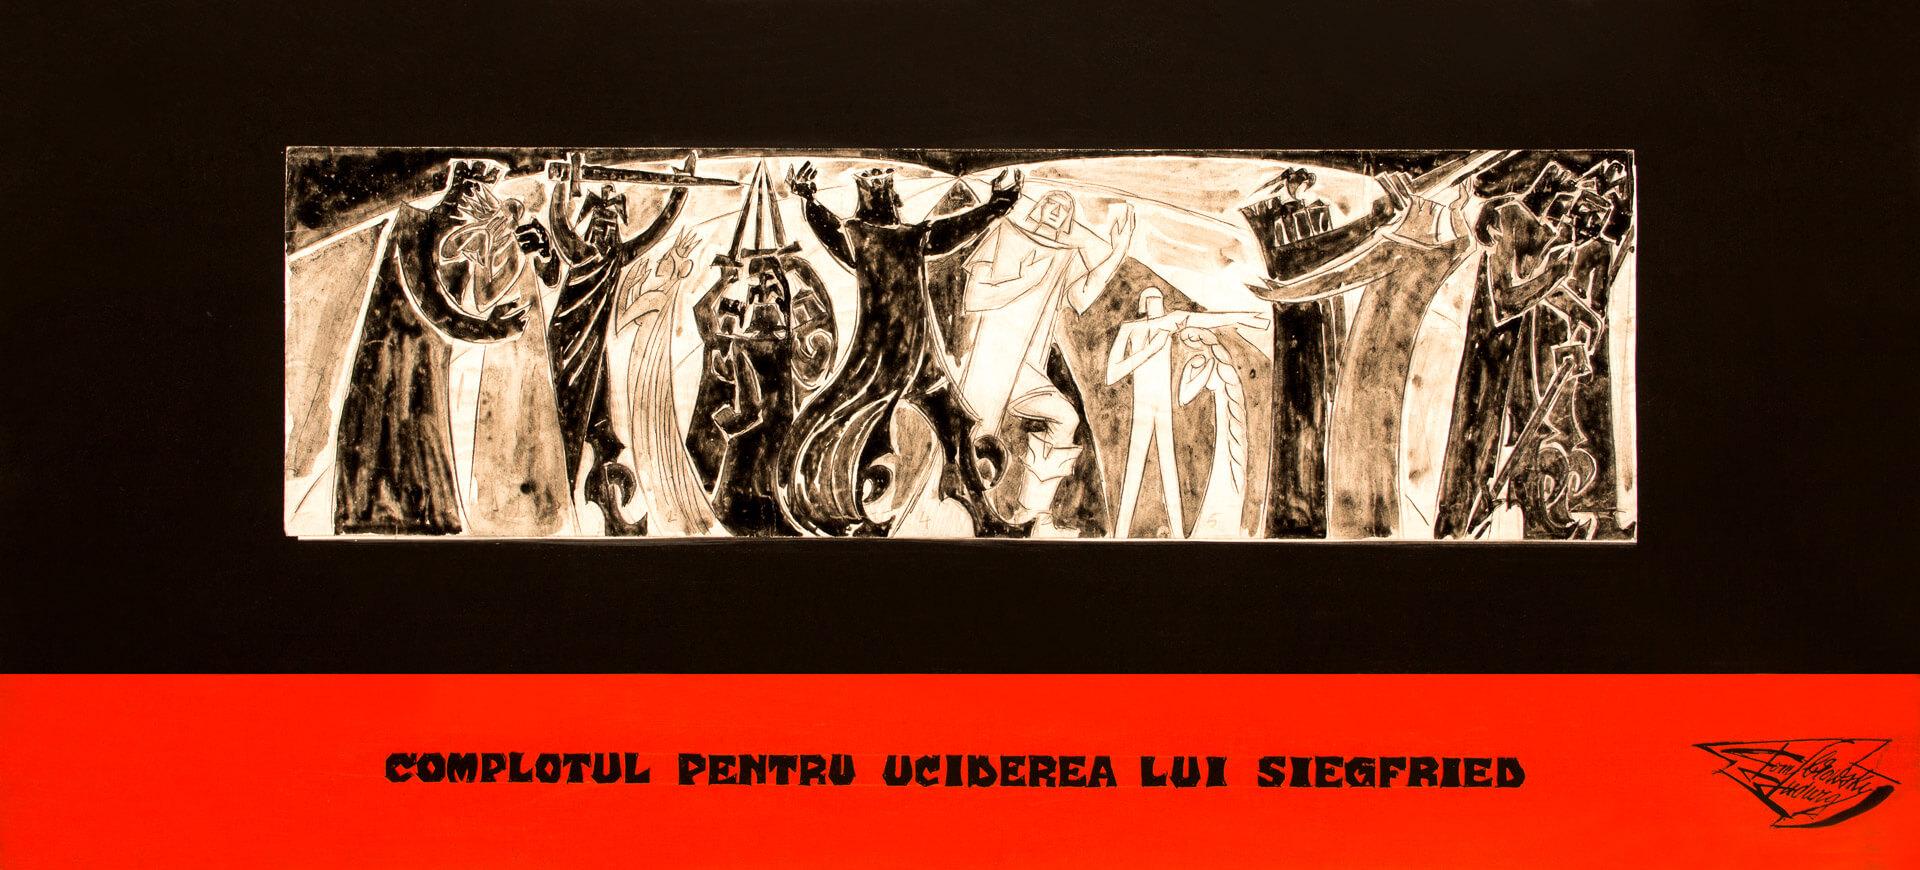 Complotul pentru uciderea lui Siegfried